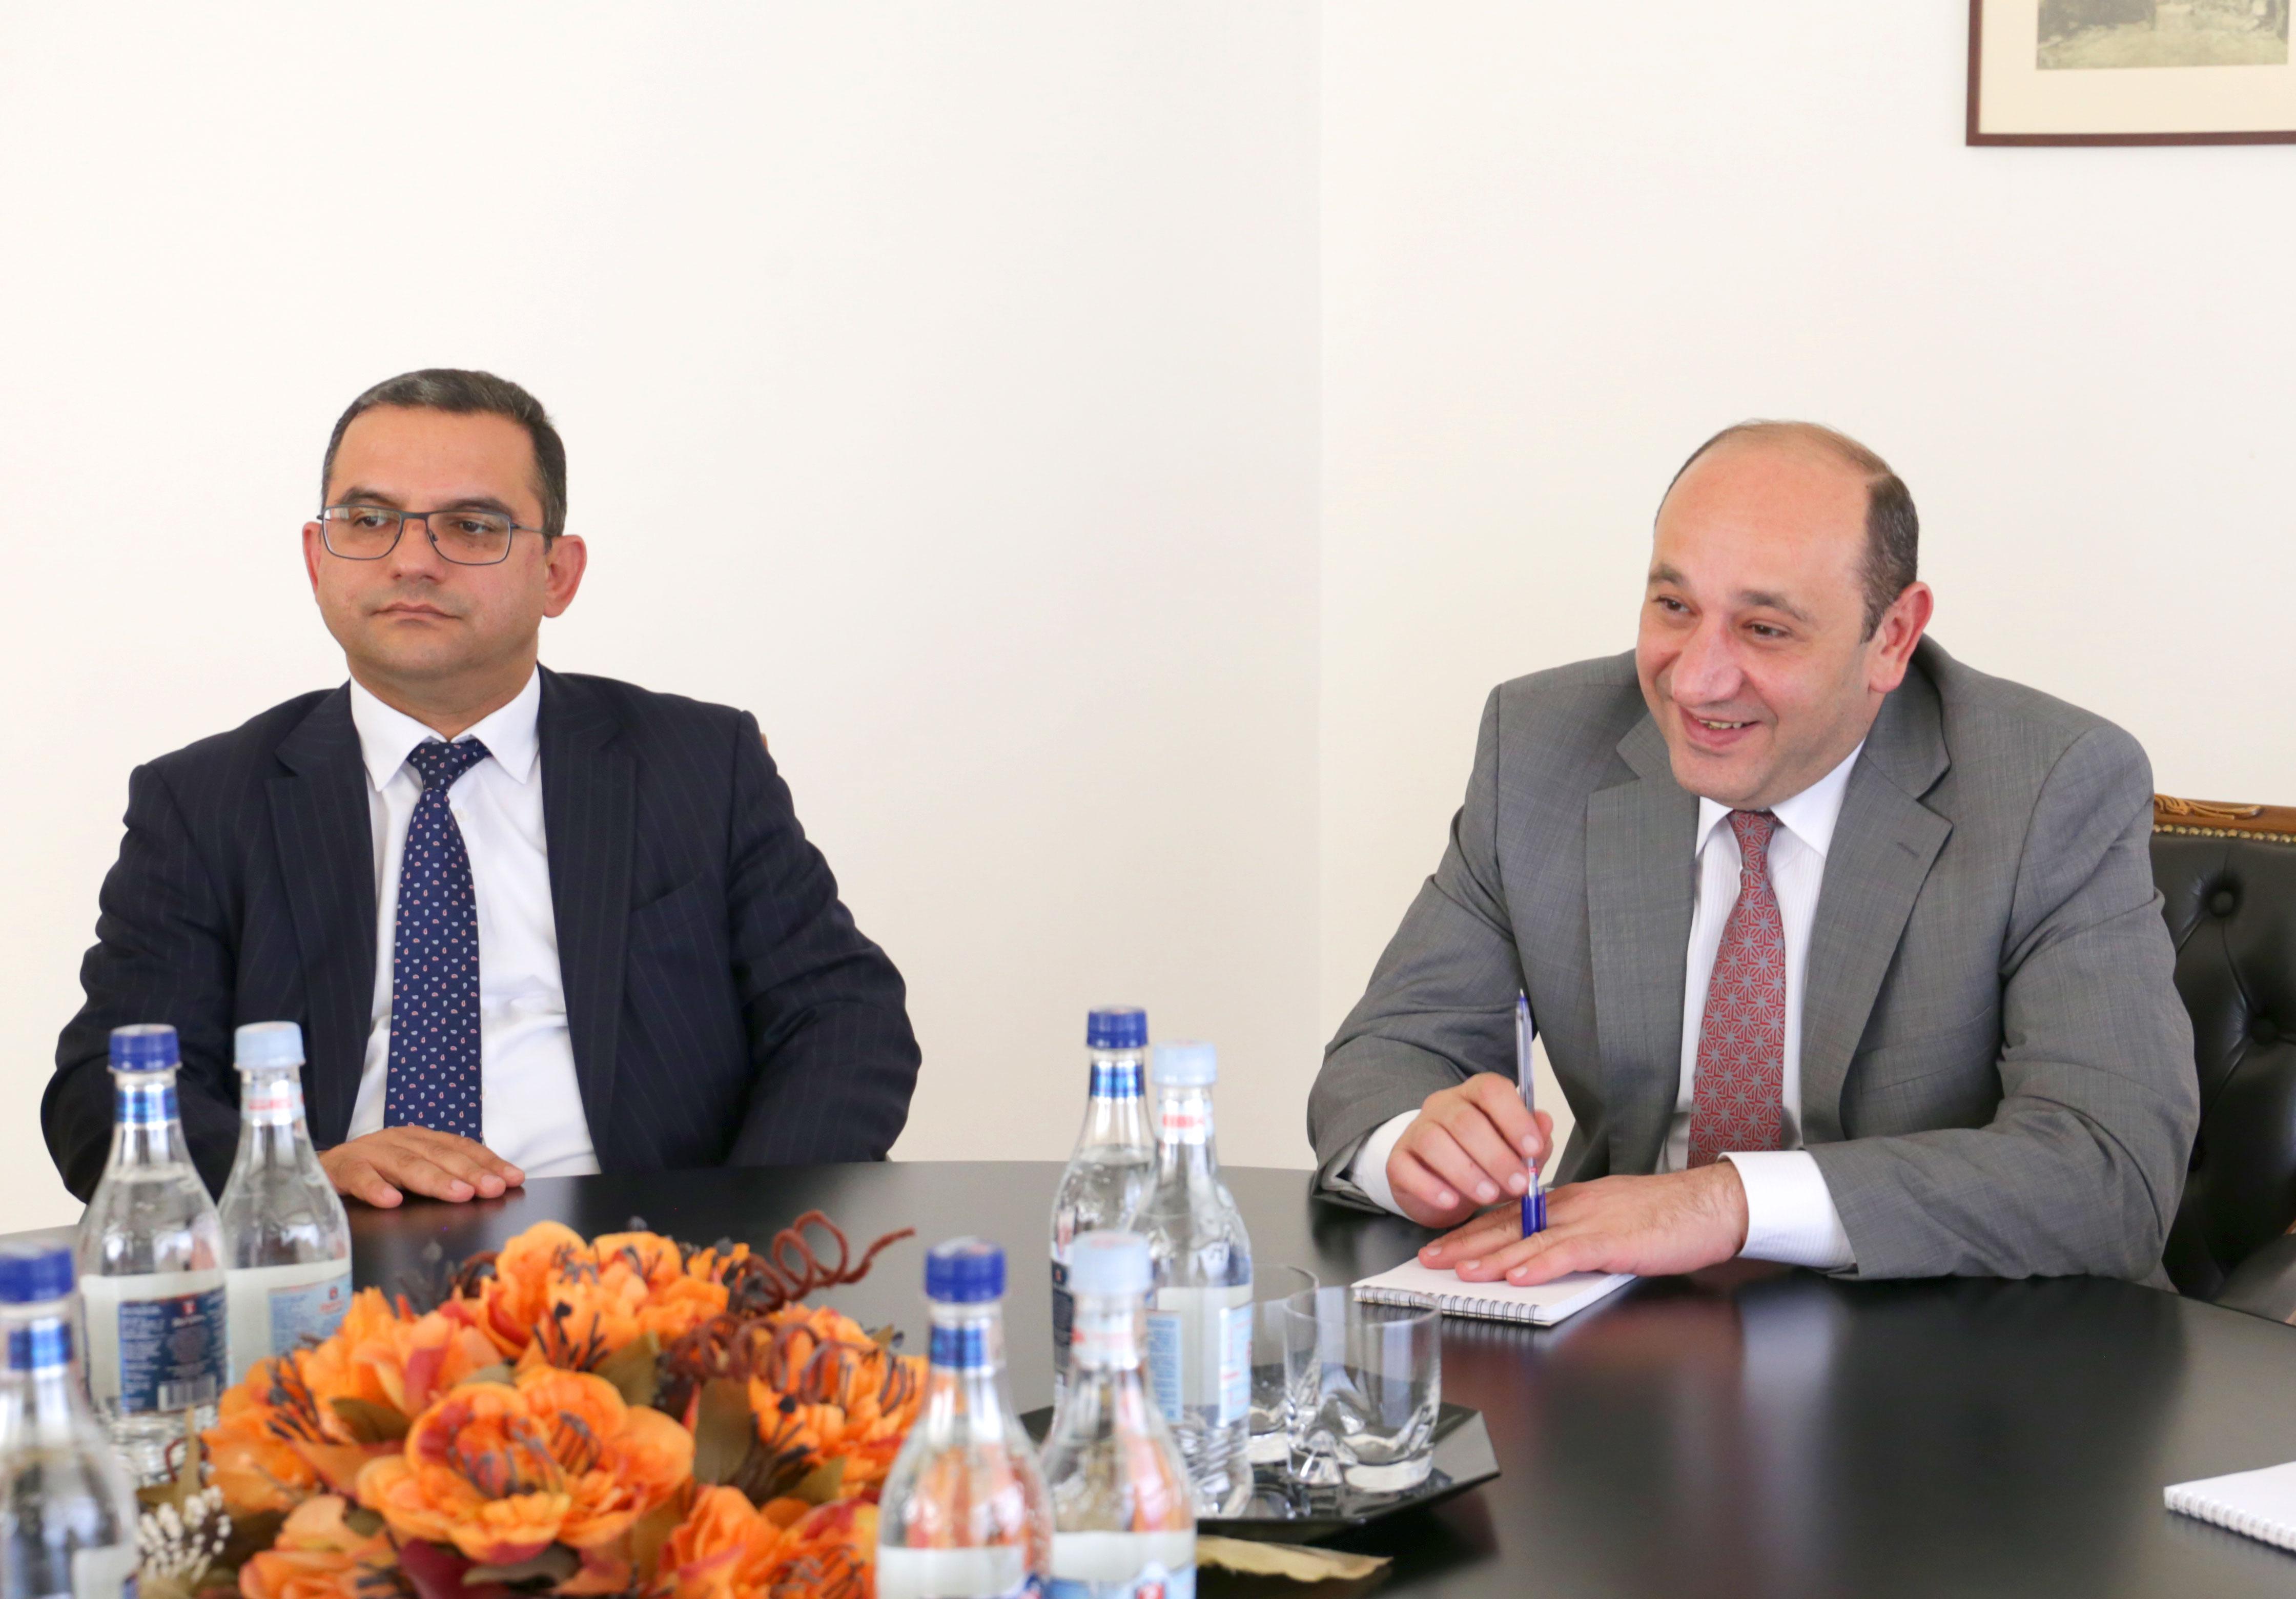 Հայաստանում ստեղծվում է թեթև արդյունաբերության ուսումնական կենտրոն